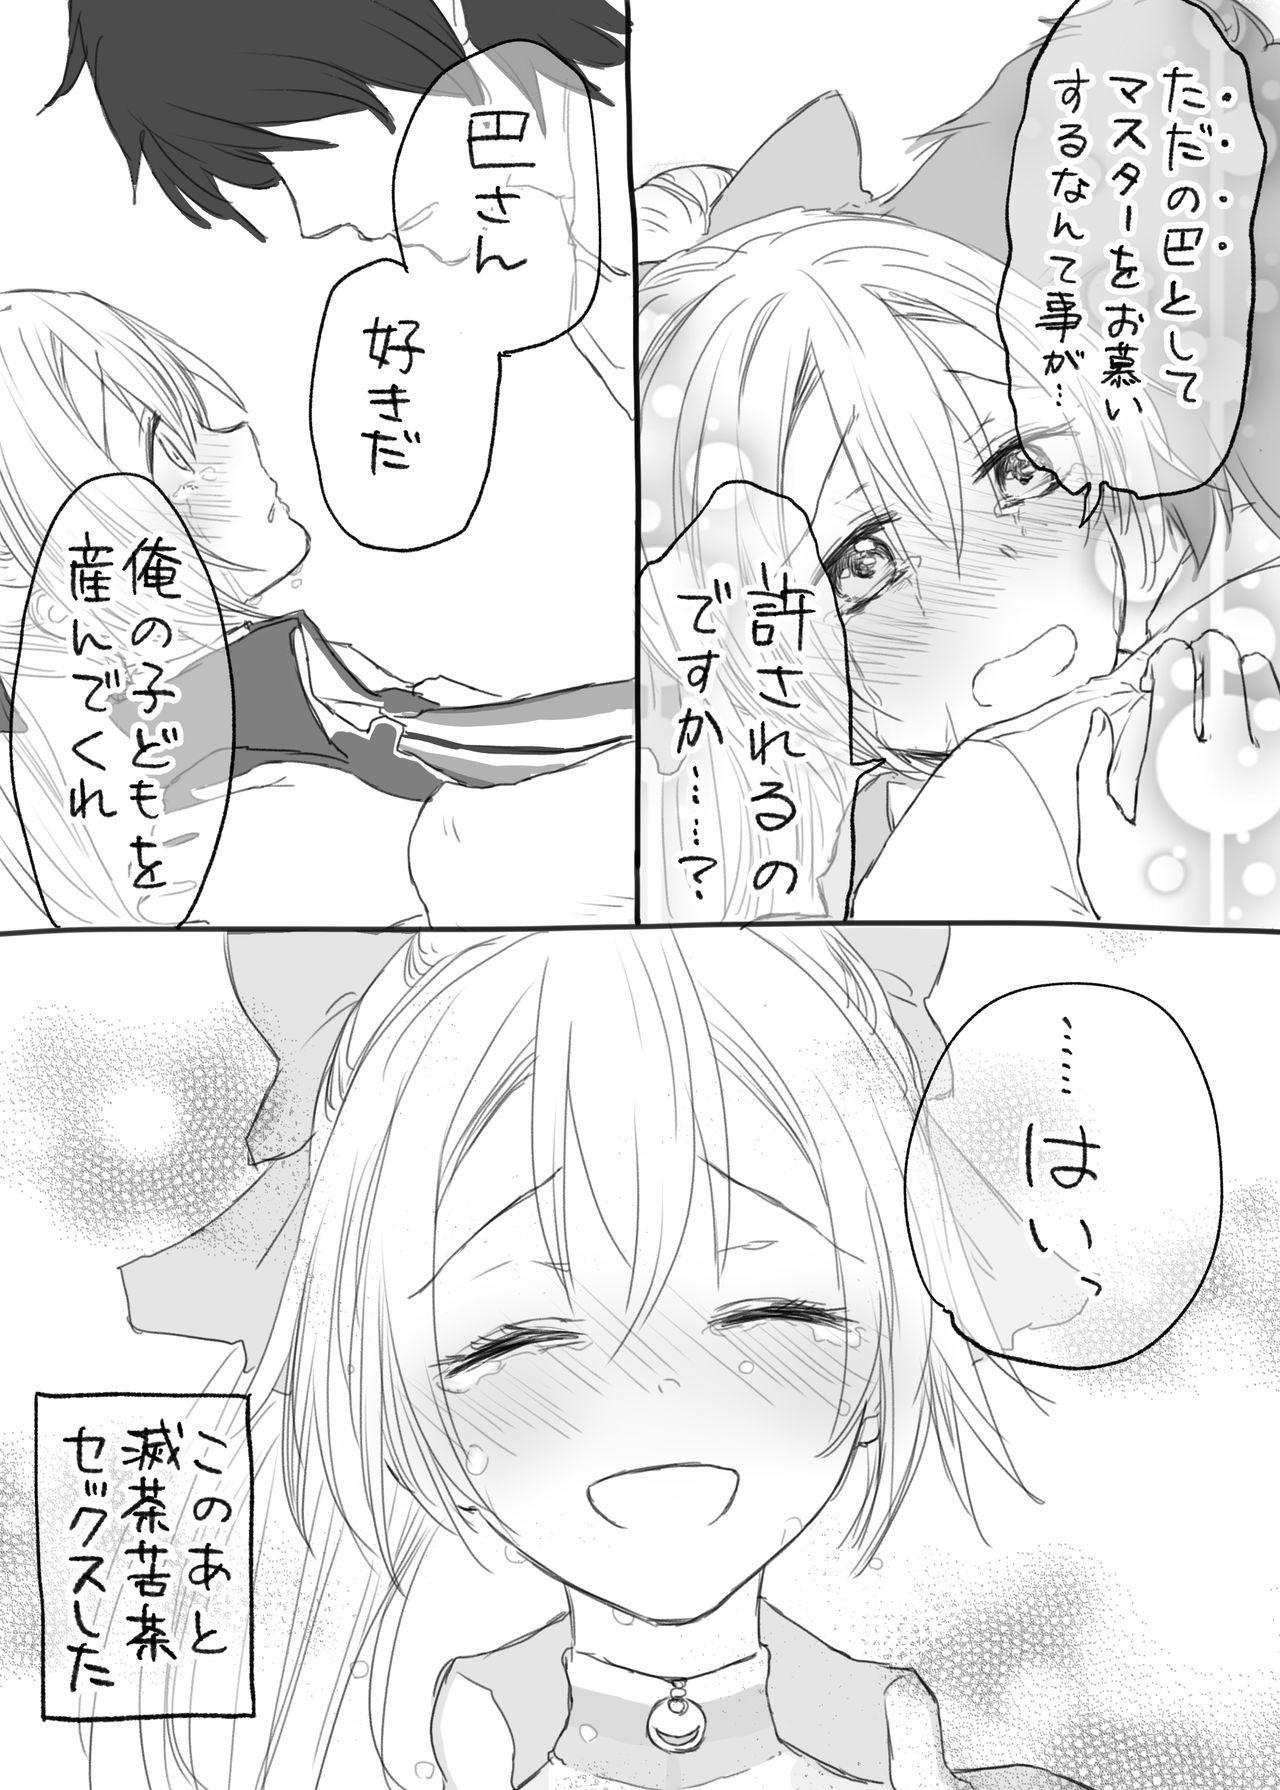 Uchi no Servant ni Haramasex shitaitte Itte mita 62